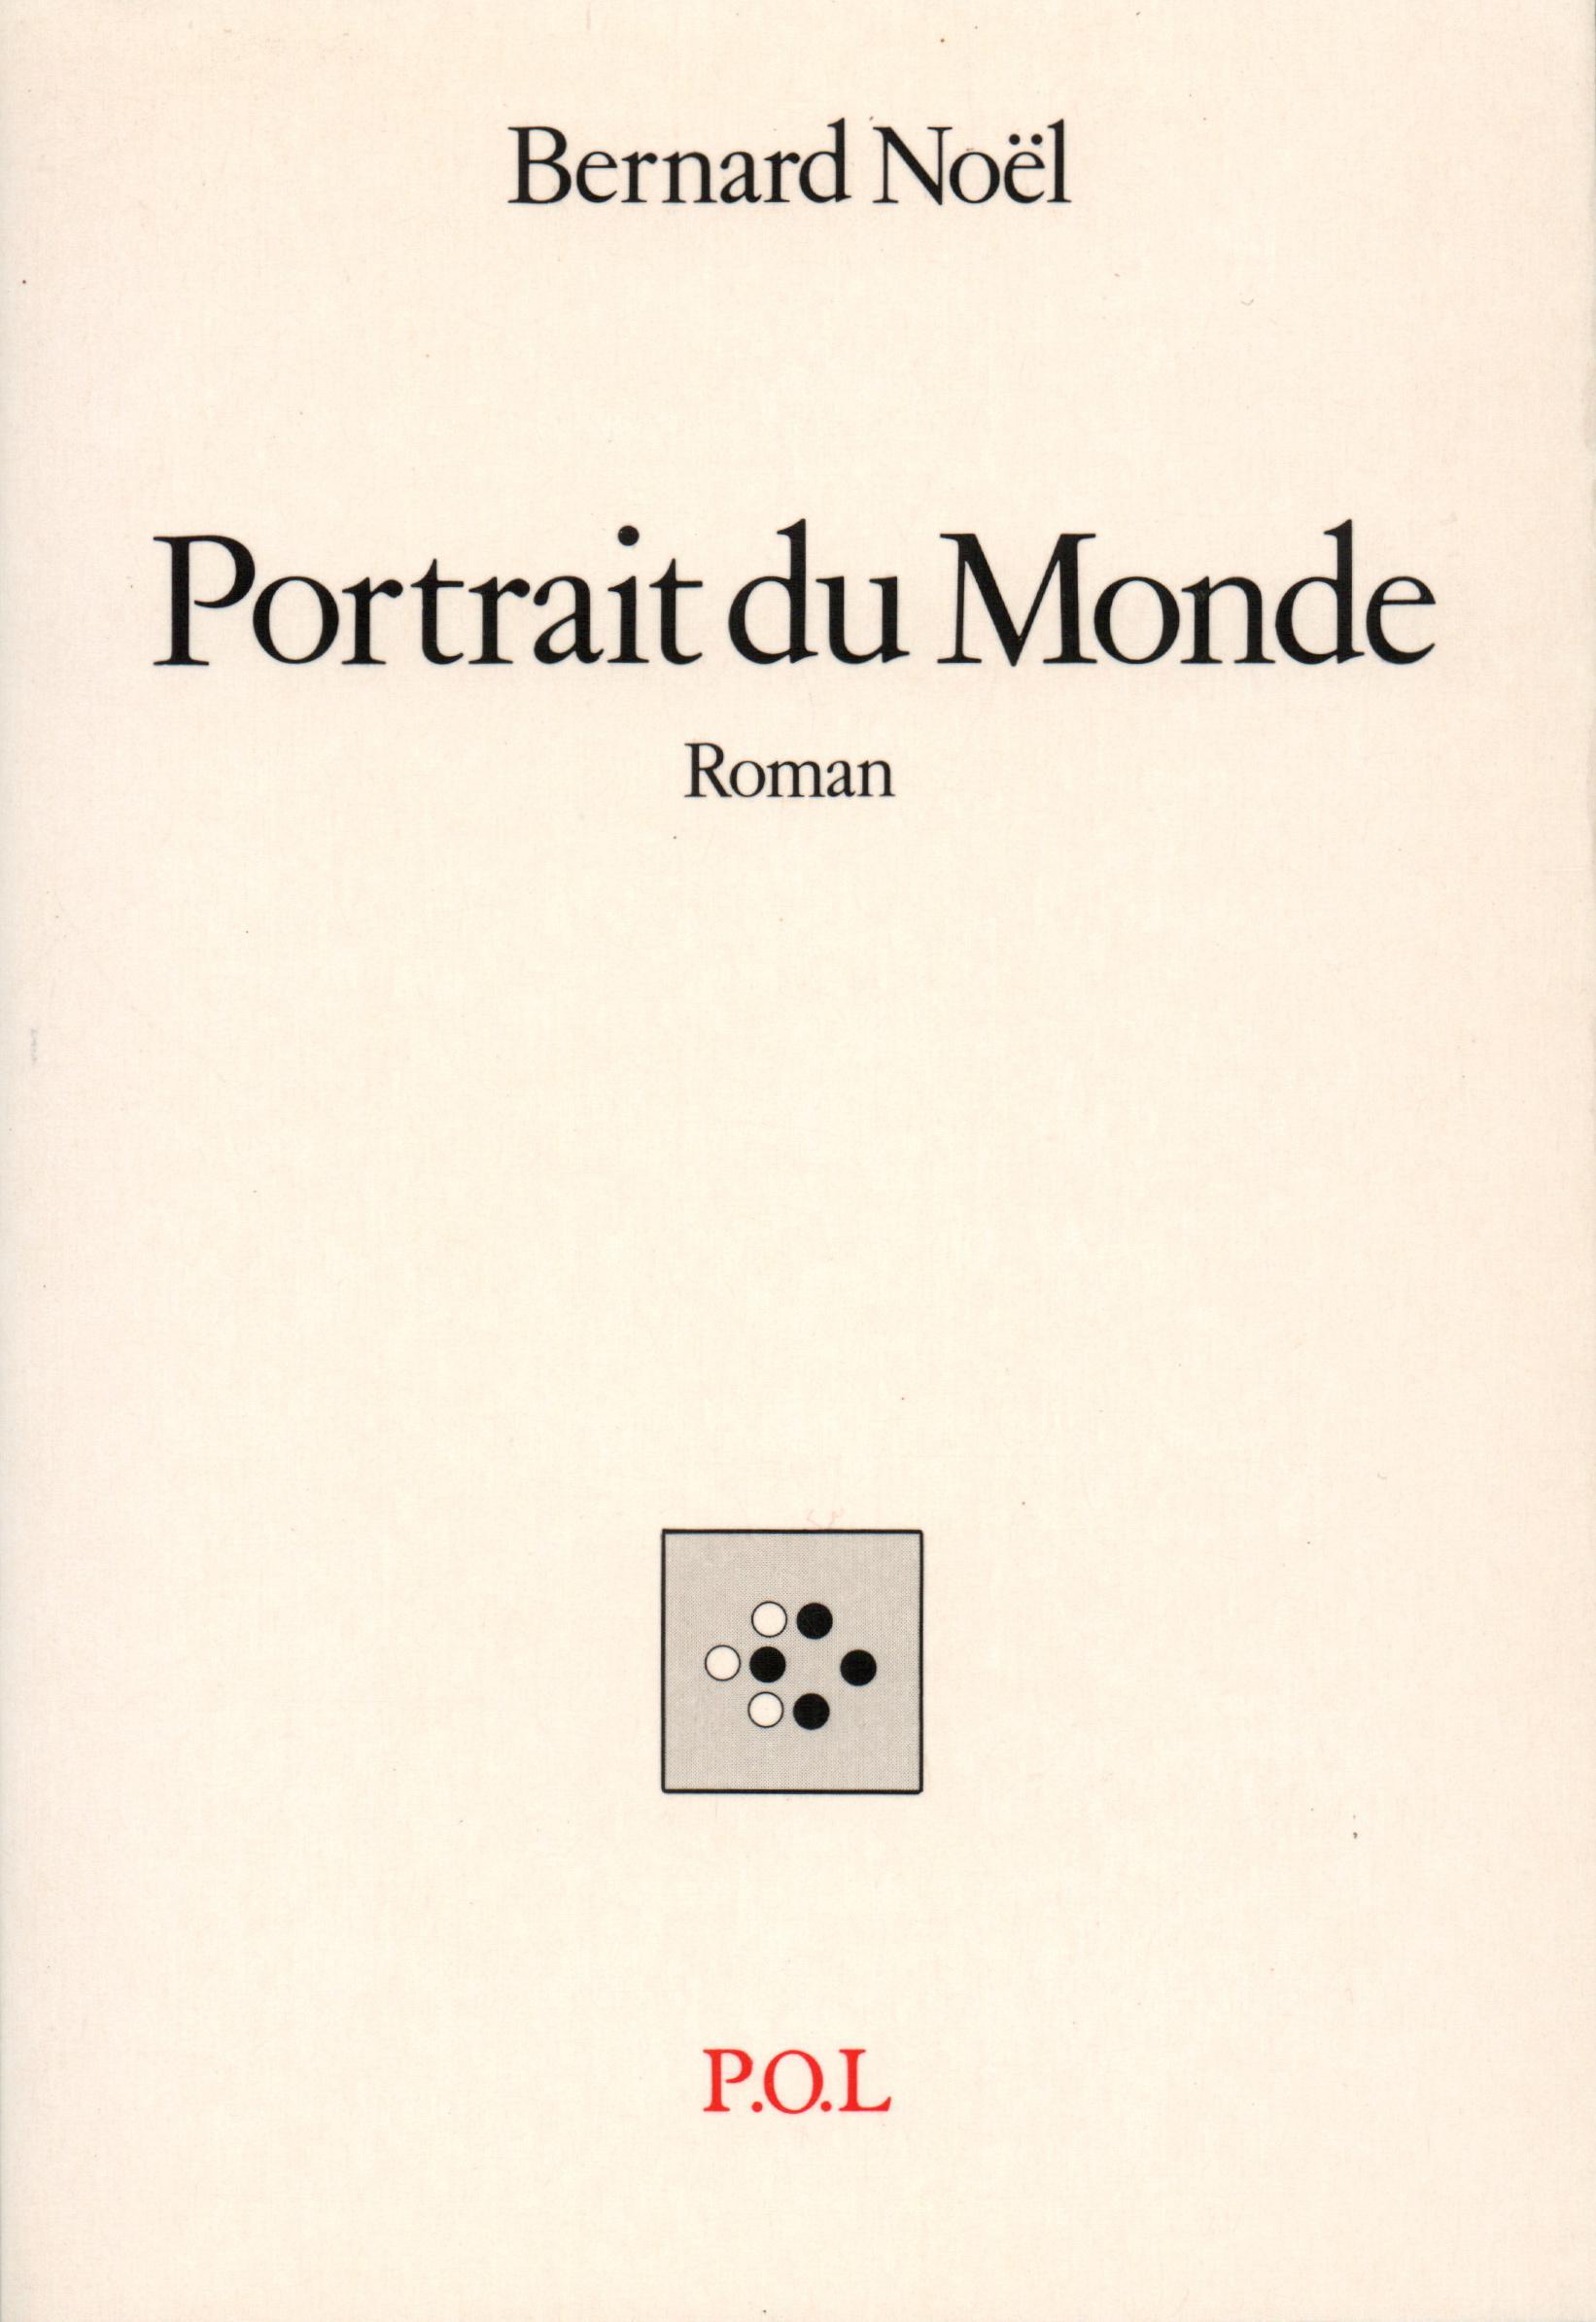 Portrait du monde